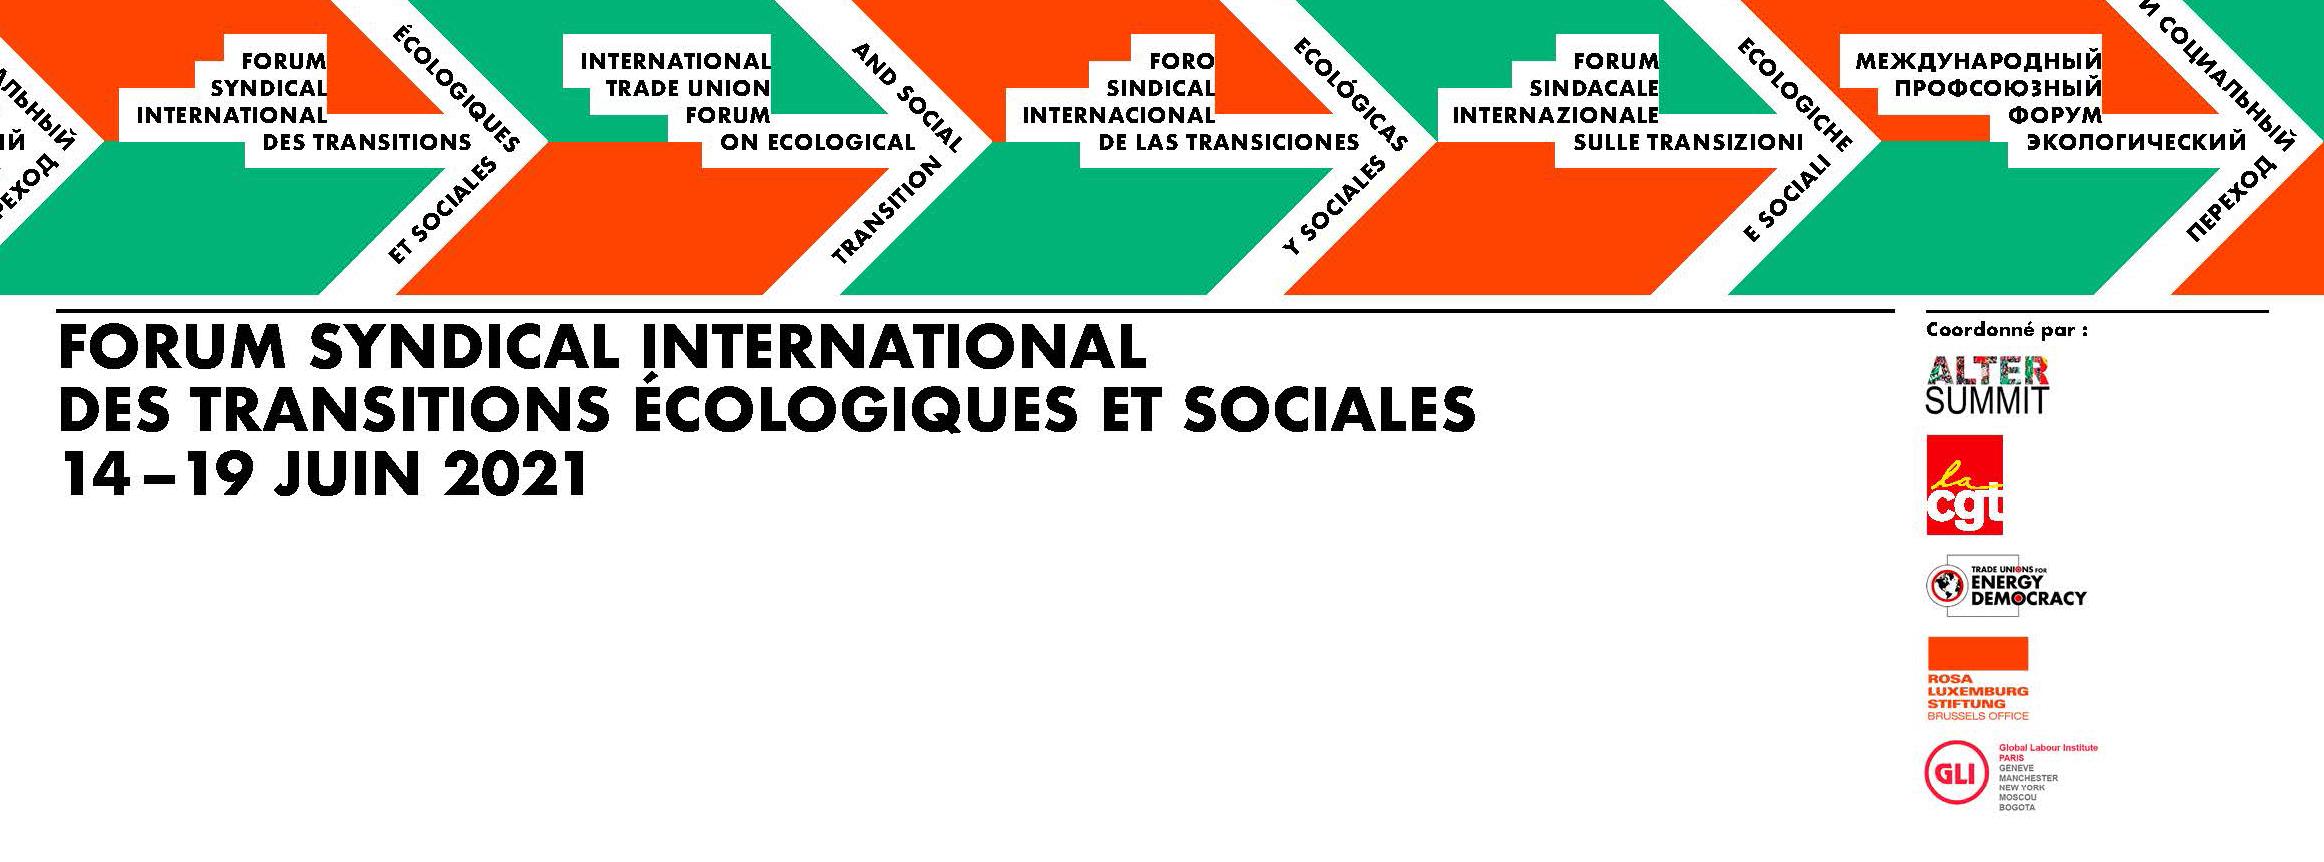 Forum Syndical International des Transitions Ecologiques et Sociales : femmes et climat